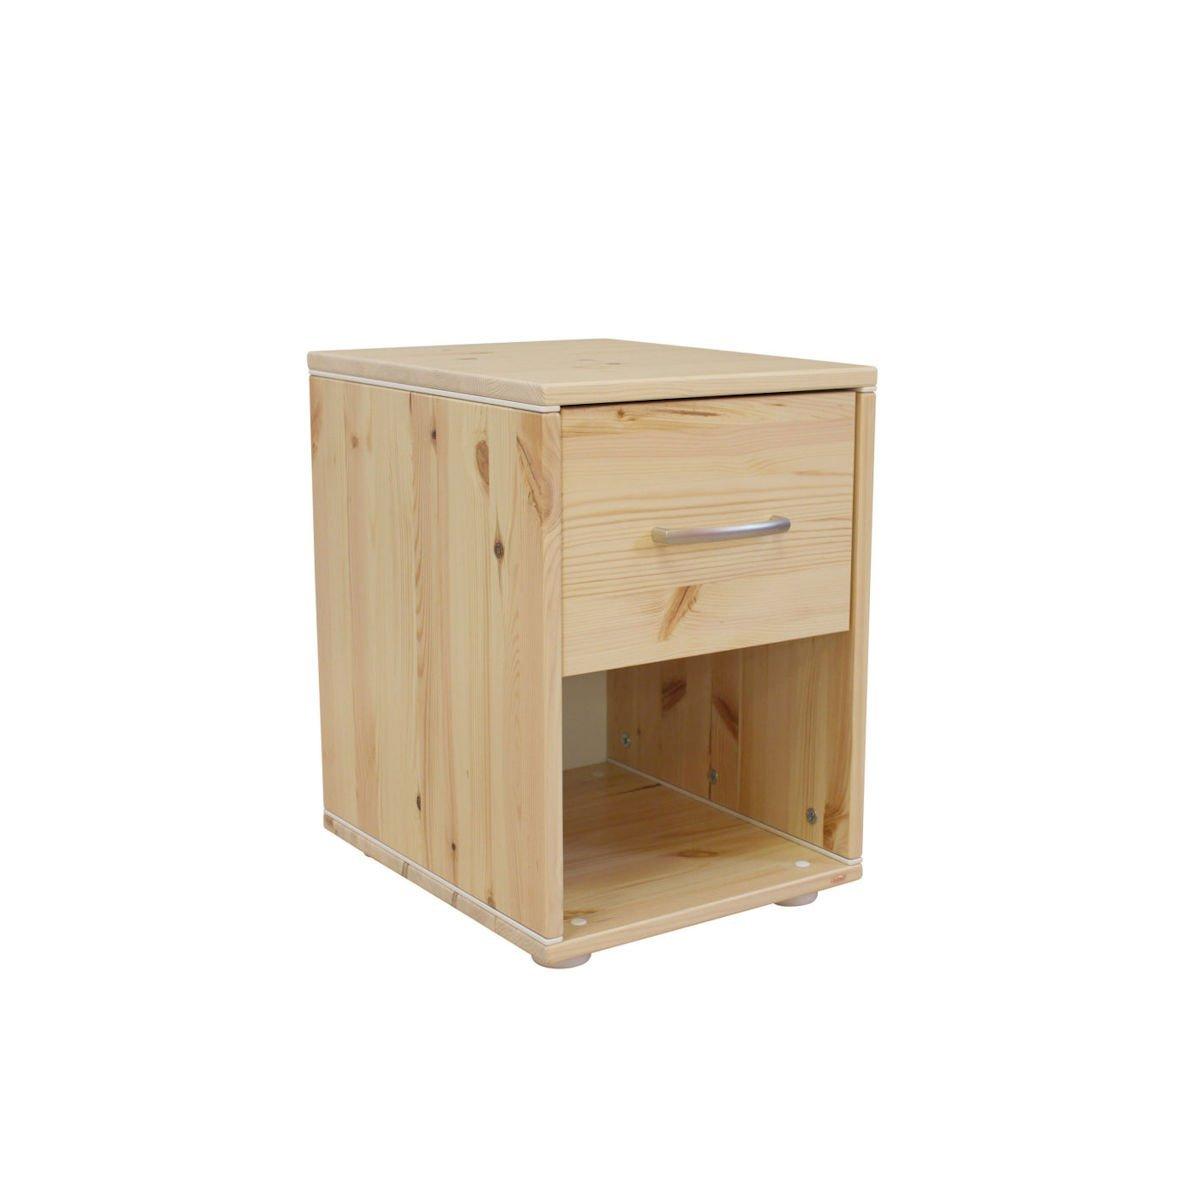 Nachttisch Schmal Weiß.Classic Nachttisch 1 Schublade Kiefer Kiefer Weiß 156